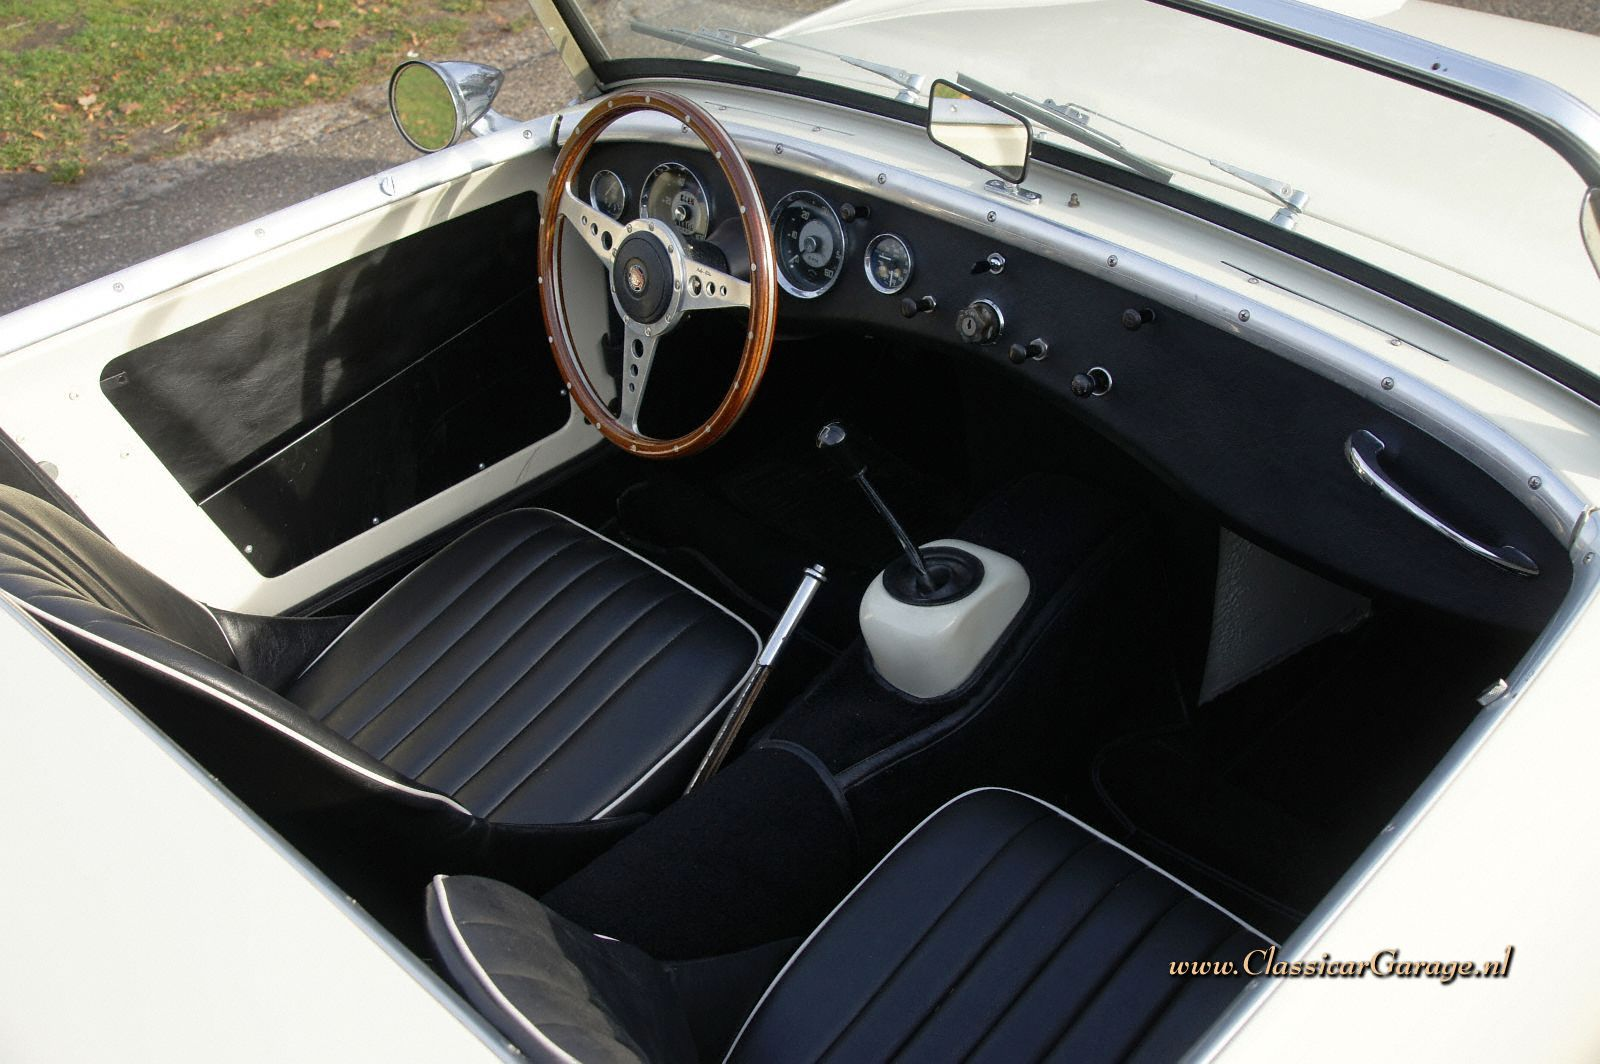 austin healey sprite mk i 39 frog eye 39 1959 details. Black Bedroom Furniture Sets. Home Design Ideas